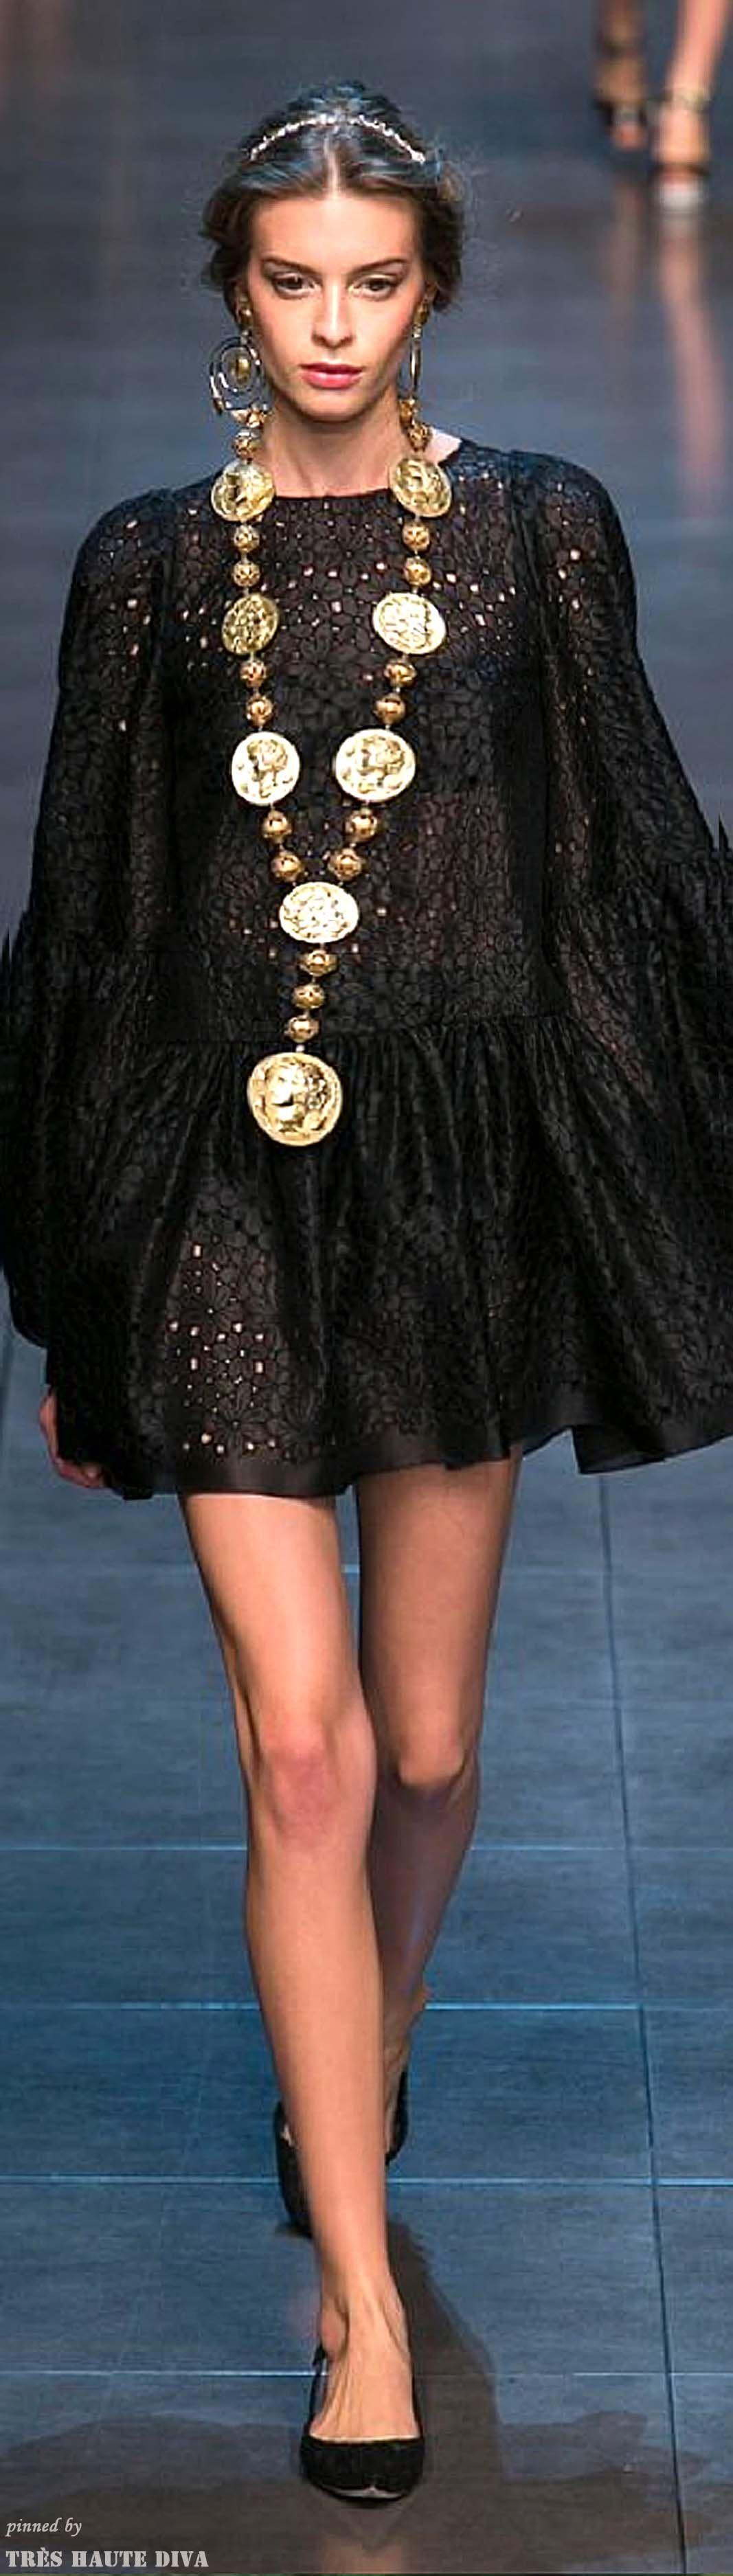 Dolce & Gabbana Spring 2017 Alta Moda Couture ♛BOUTIQUE ...